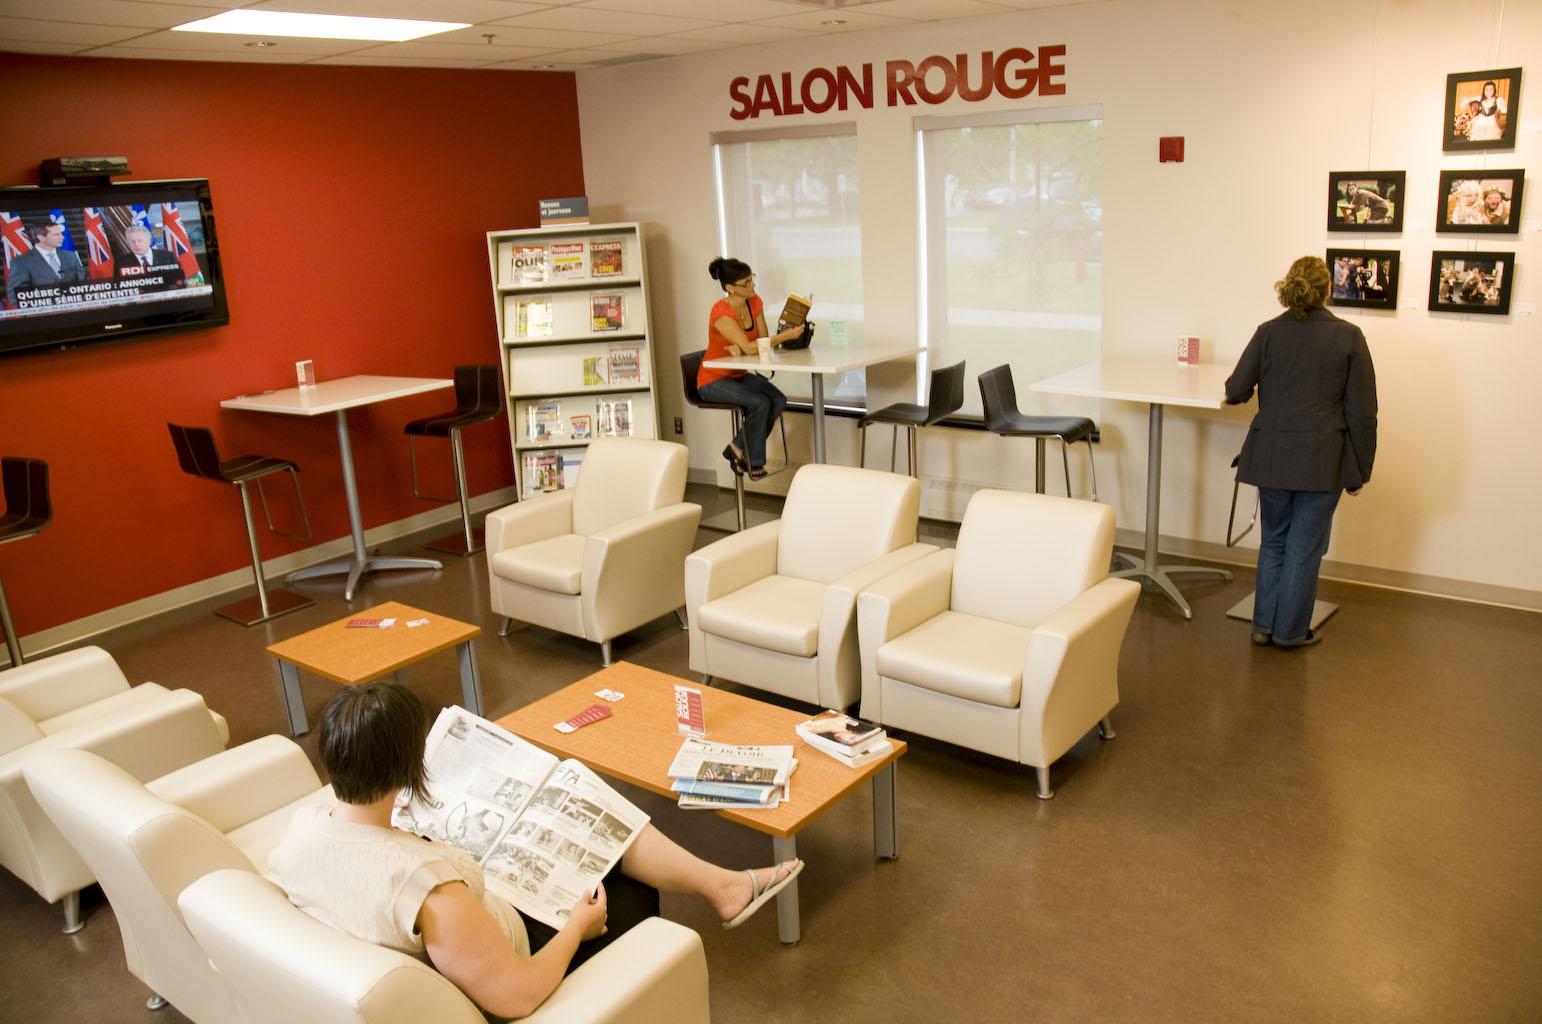 Salon rouge de la bibliothèque Saint-Luc